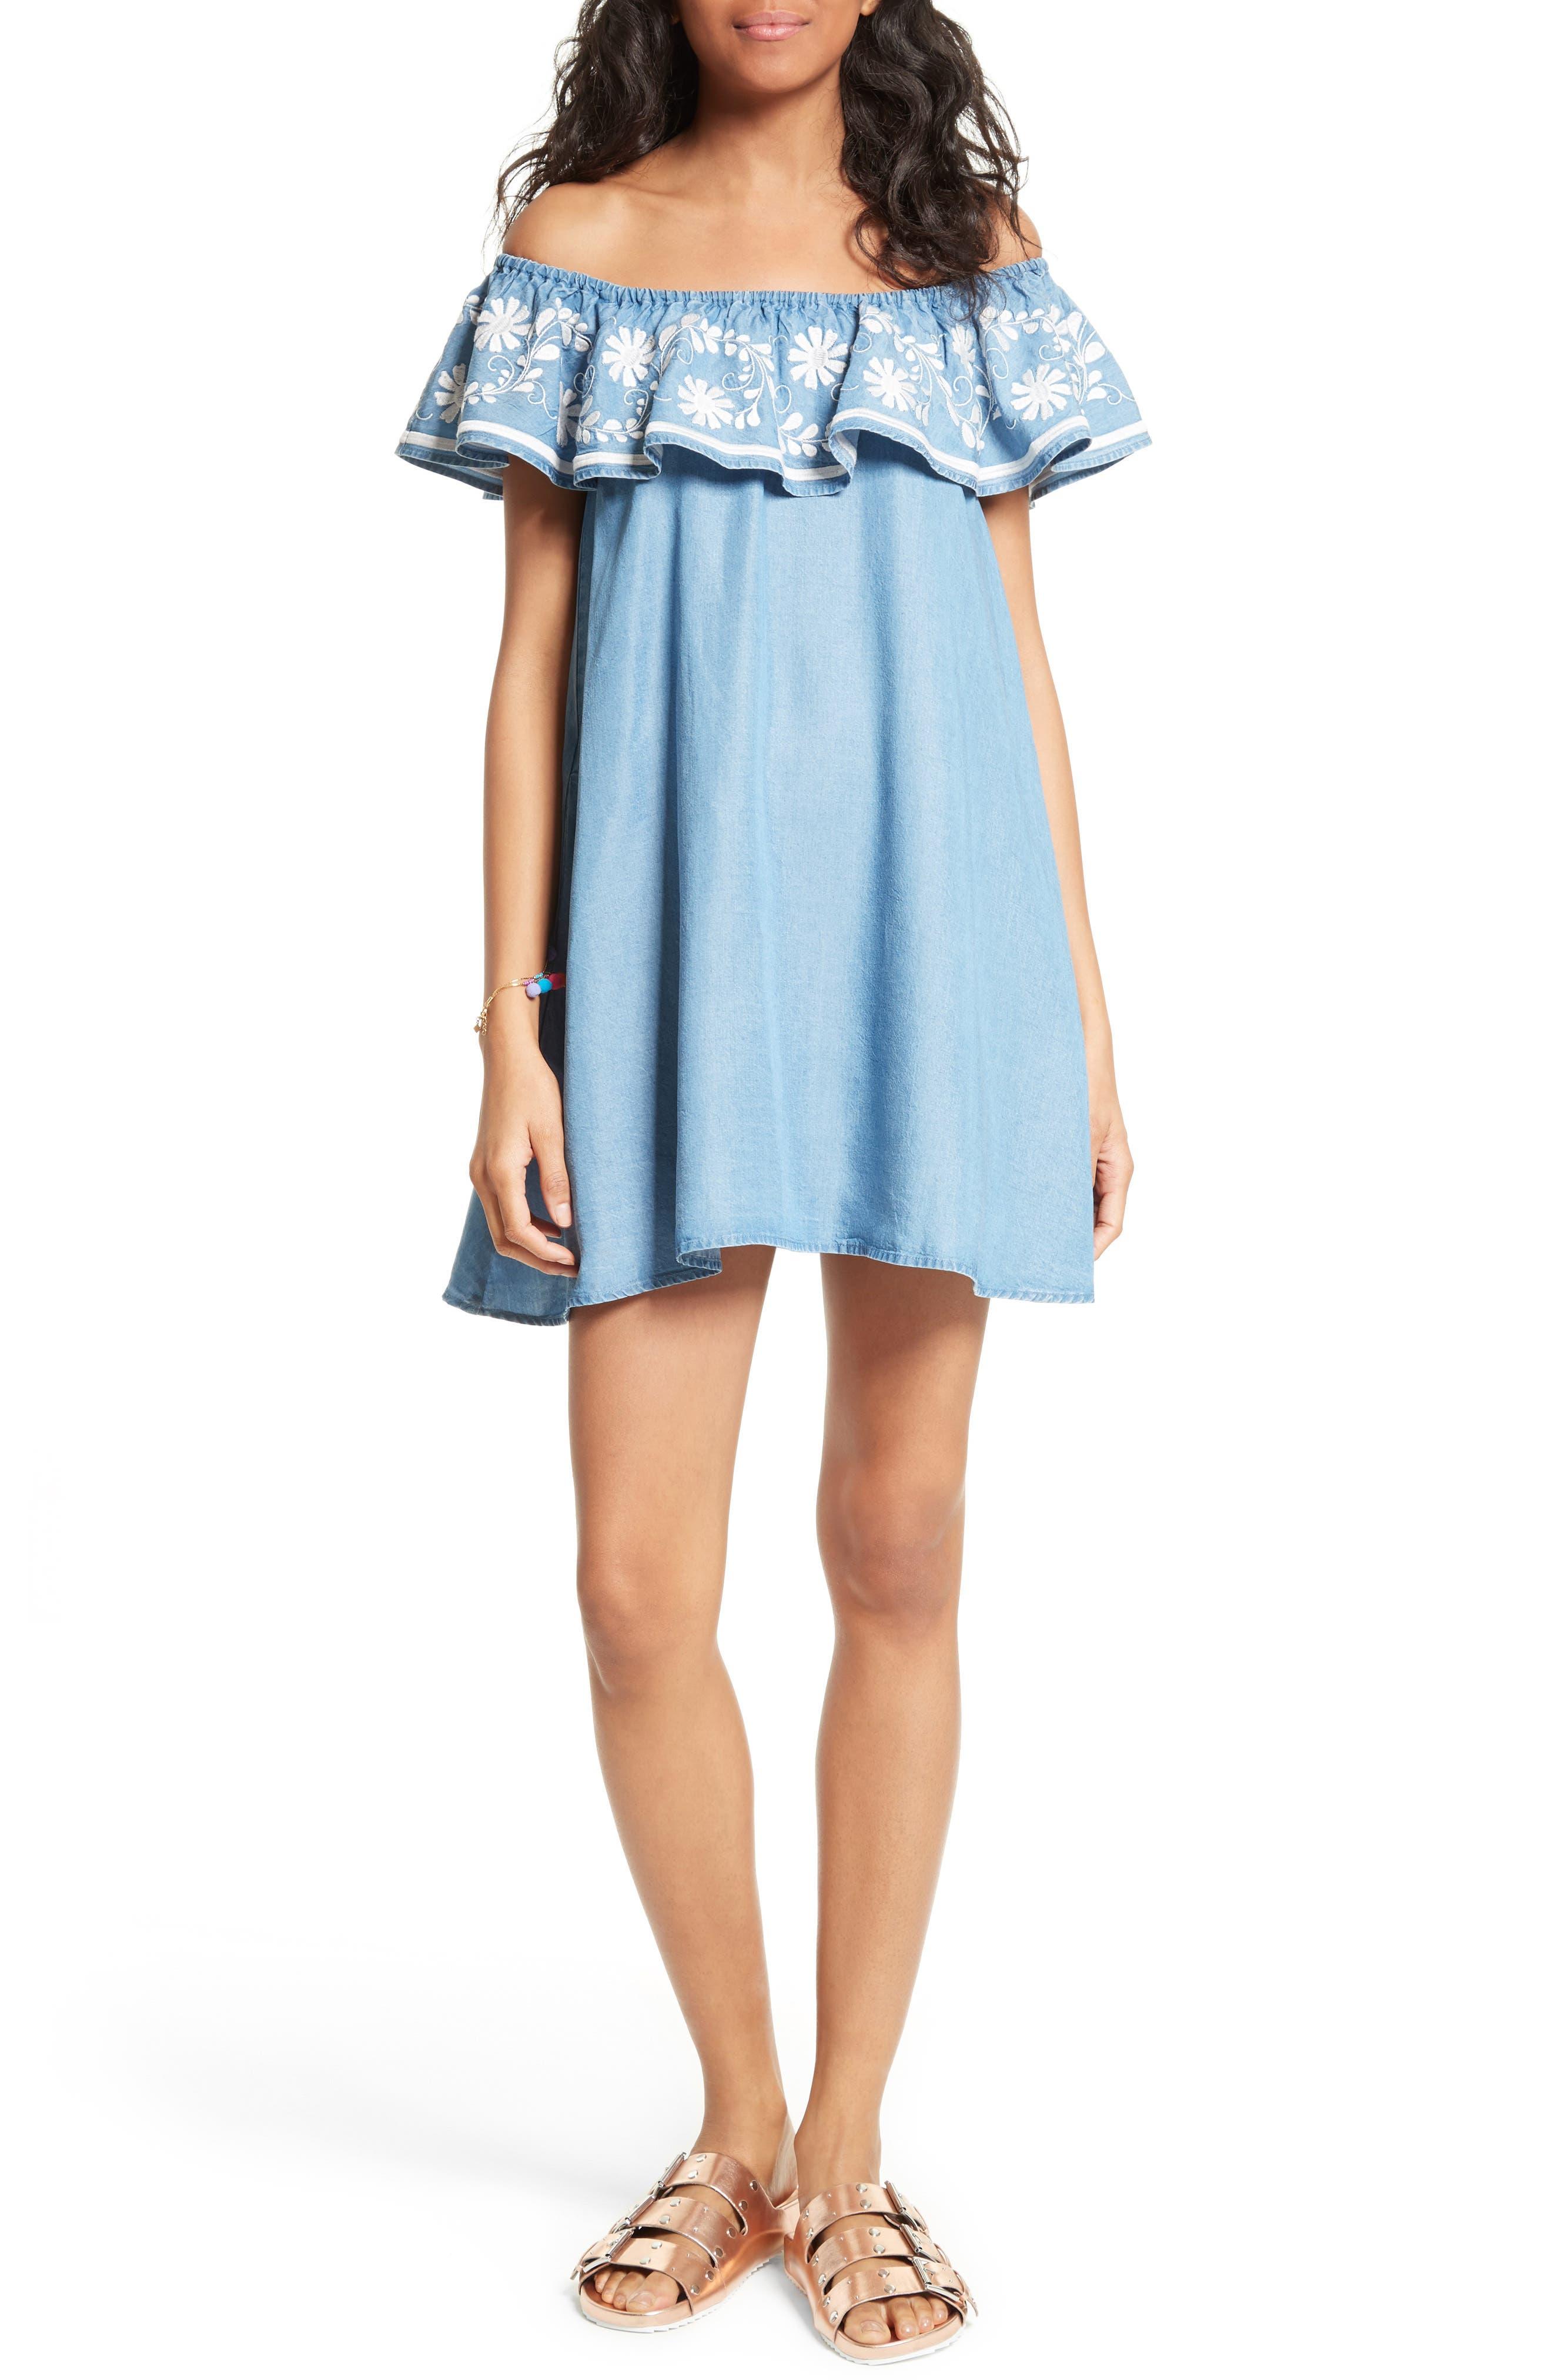 Alternate Image 1 Selected - Rebecca Minkoff Dev Off the Shoulder Minidress